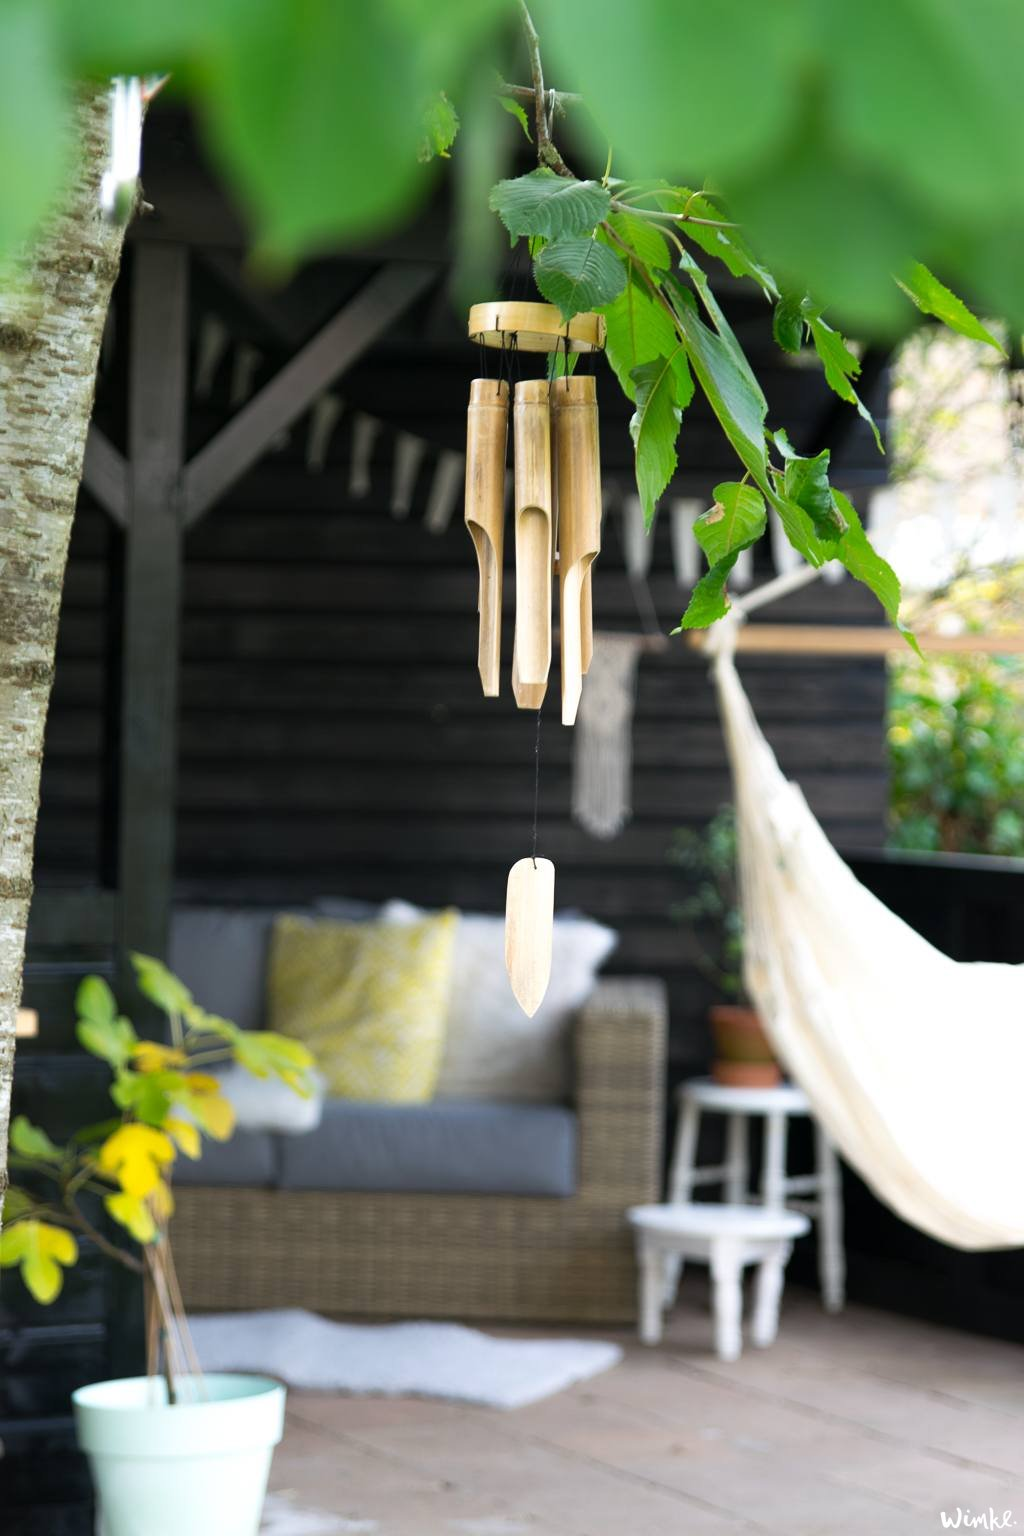 creëer een luxe uitstraling door de veranda zwart te verven - wimke.nl